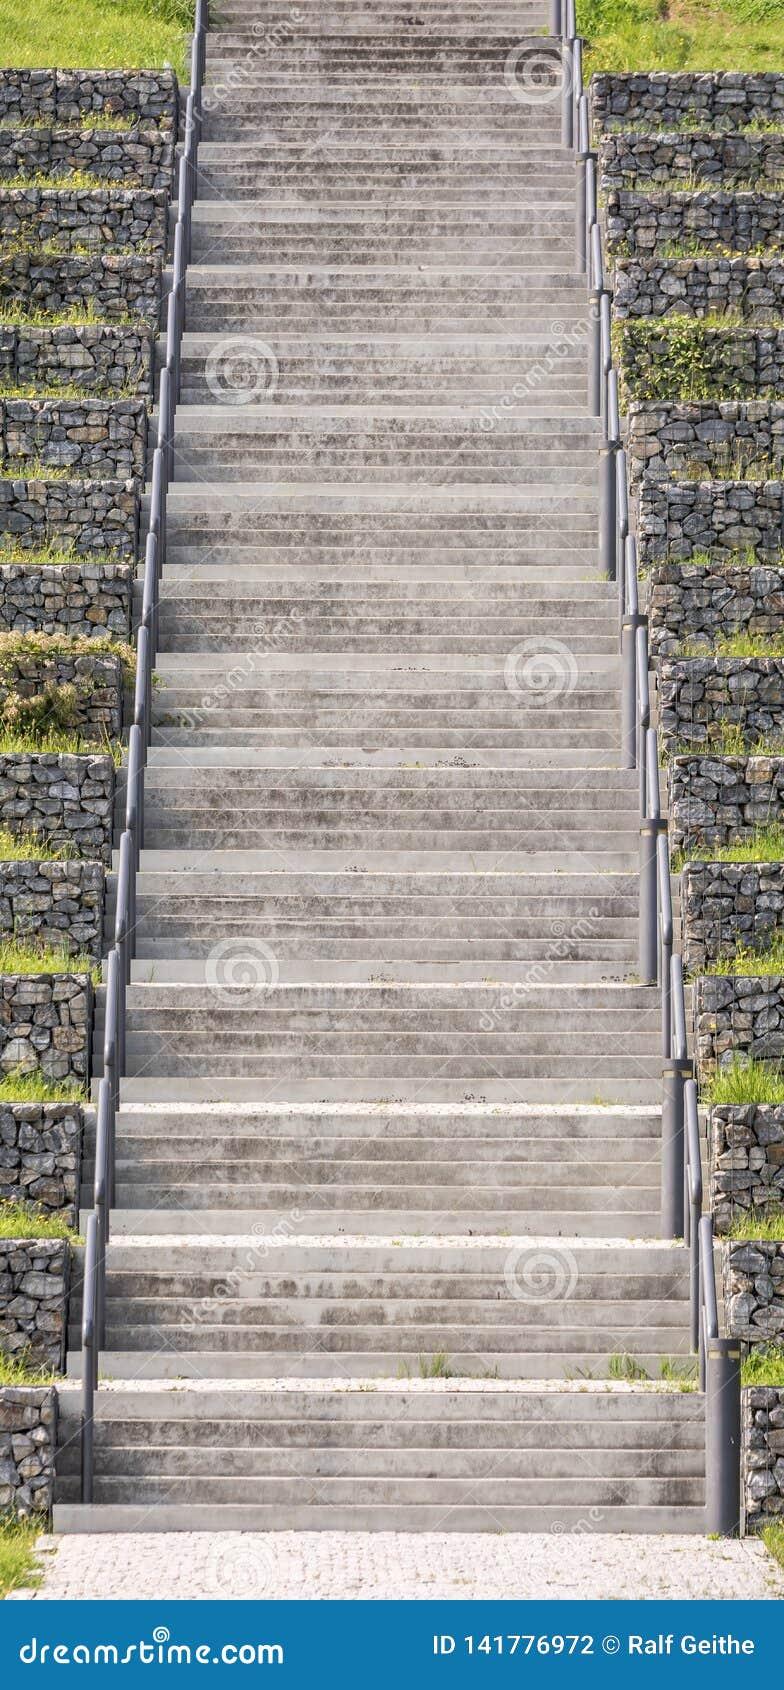 Grande escadaria concreta com trilhos como um símbolo da escada da carreira